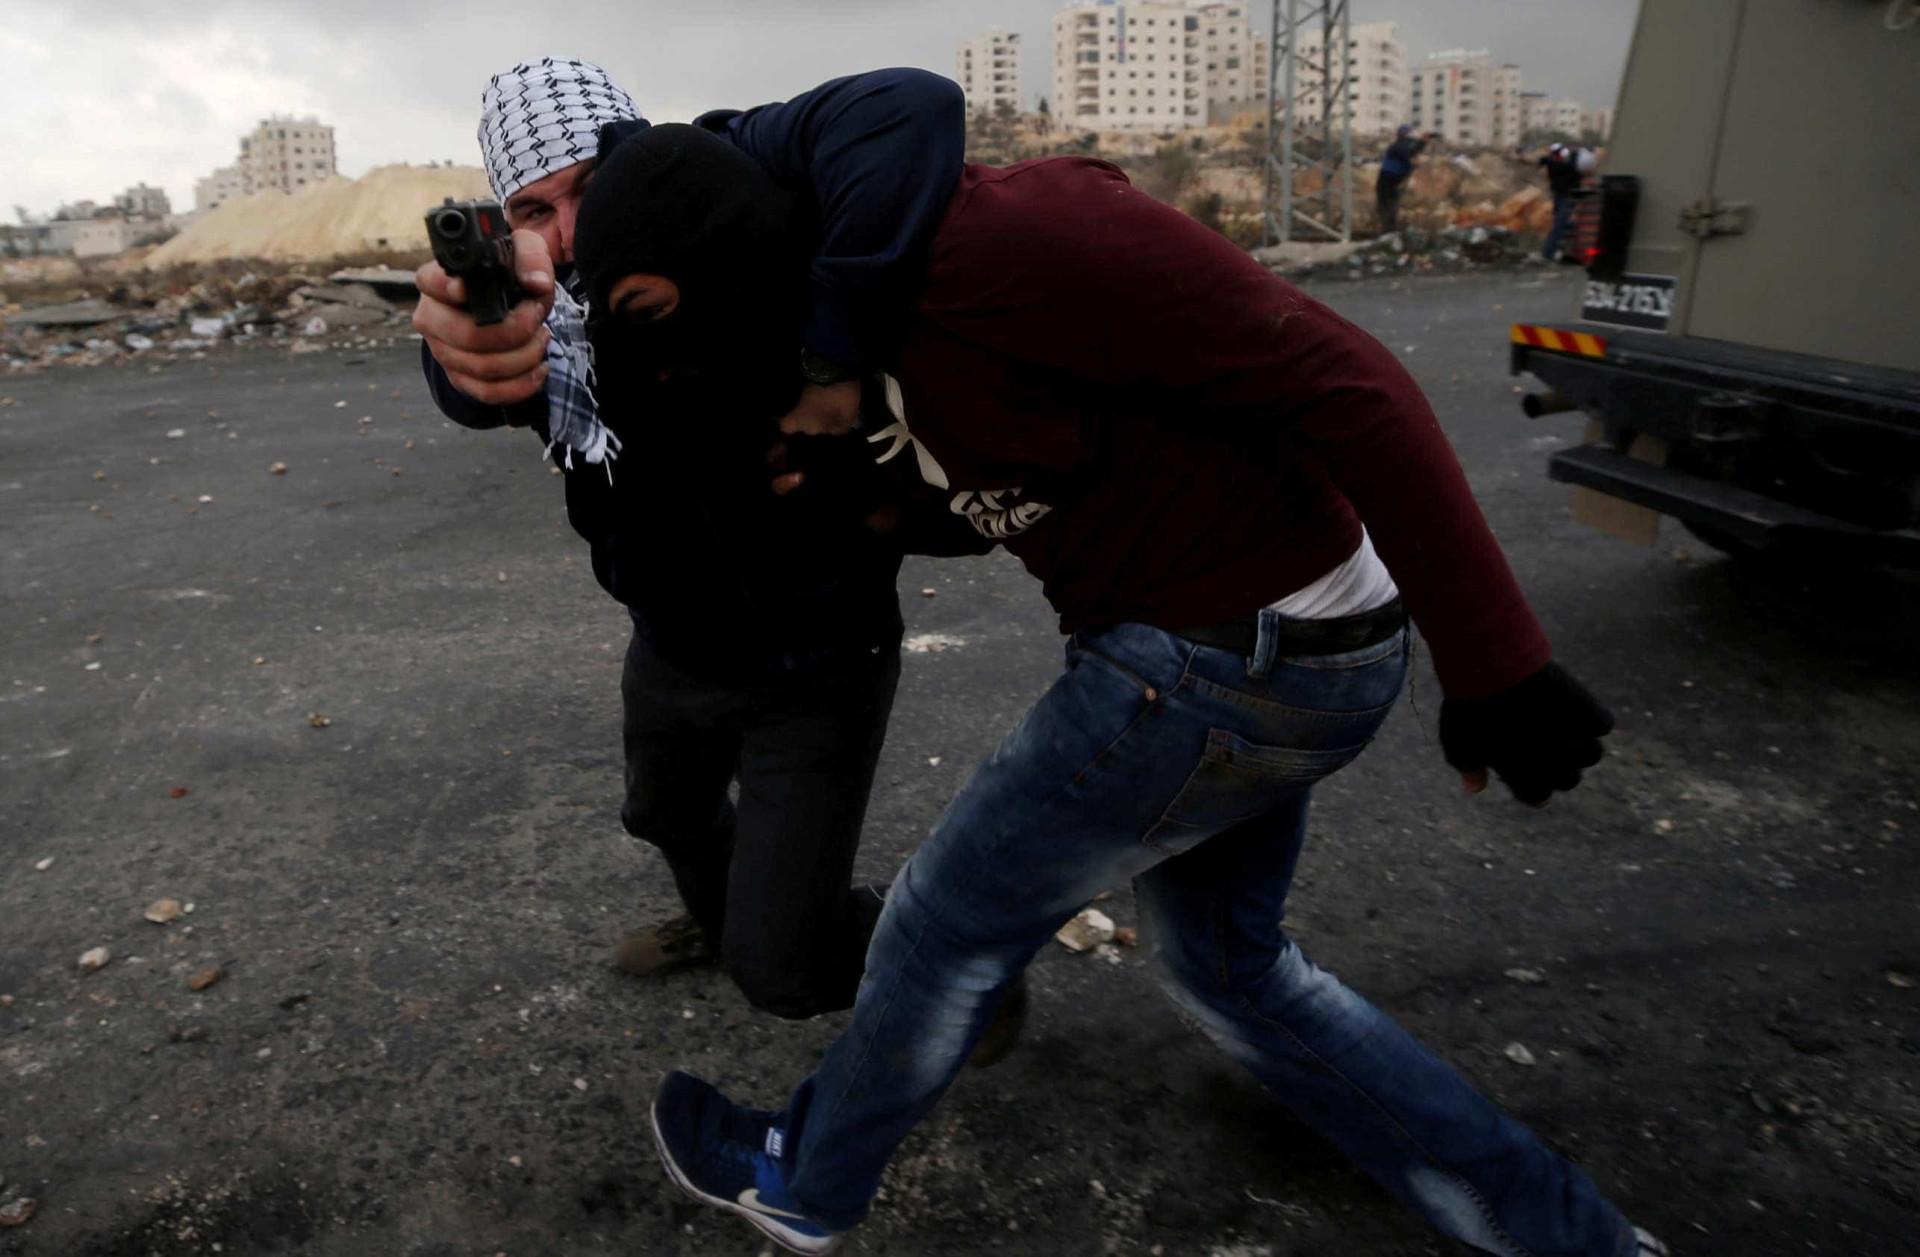 Soldados israelitas infiltram-se em manifestação e detêm palestinianos